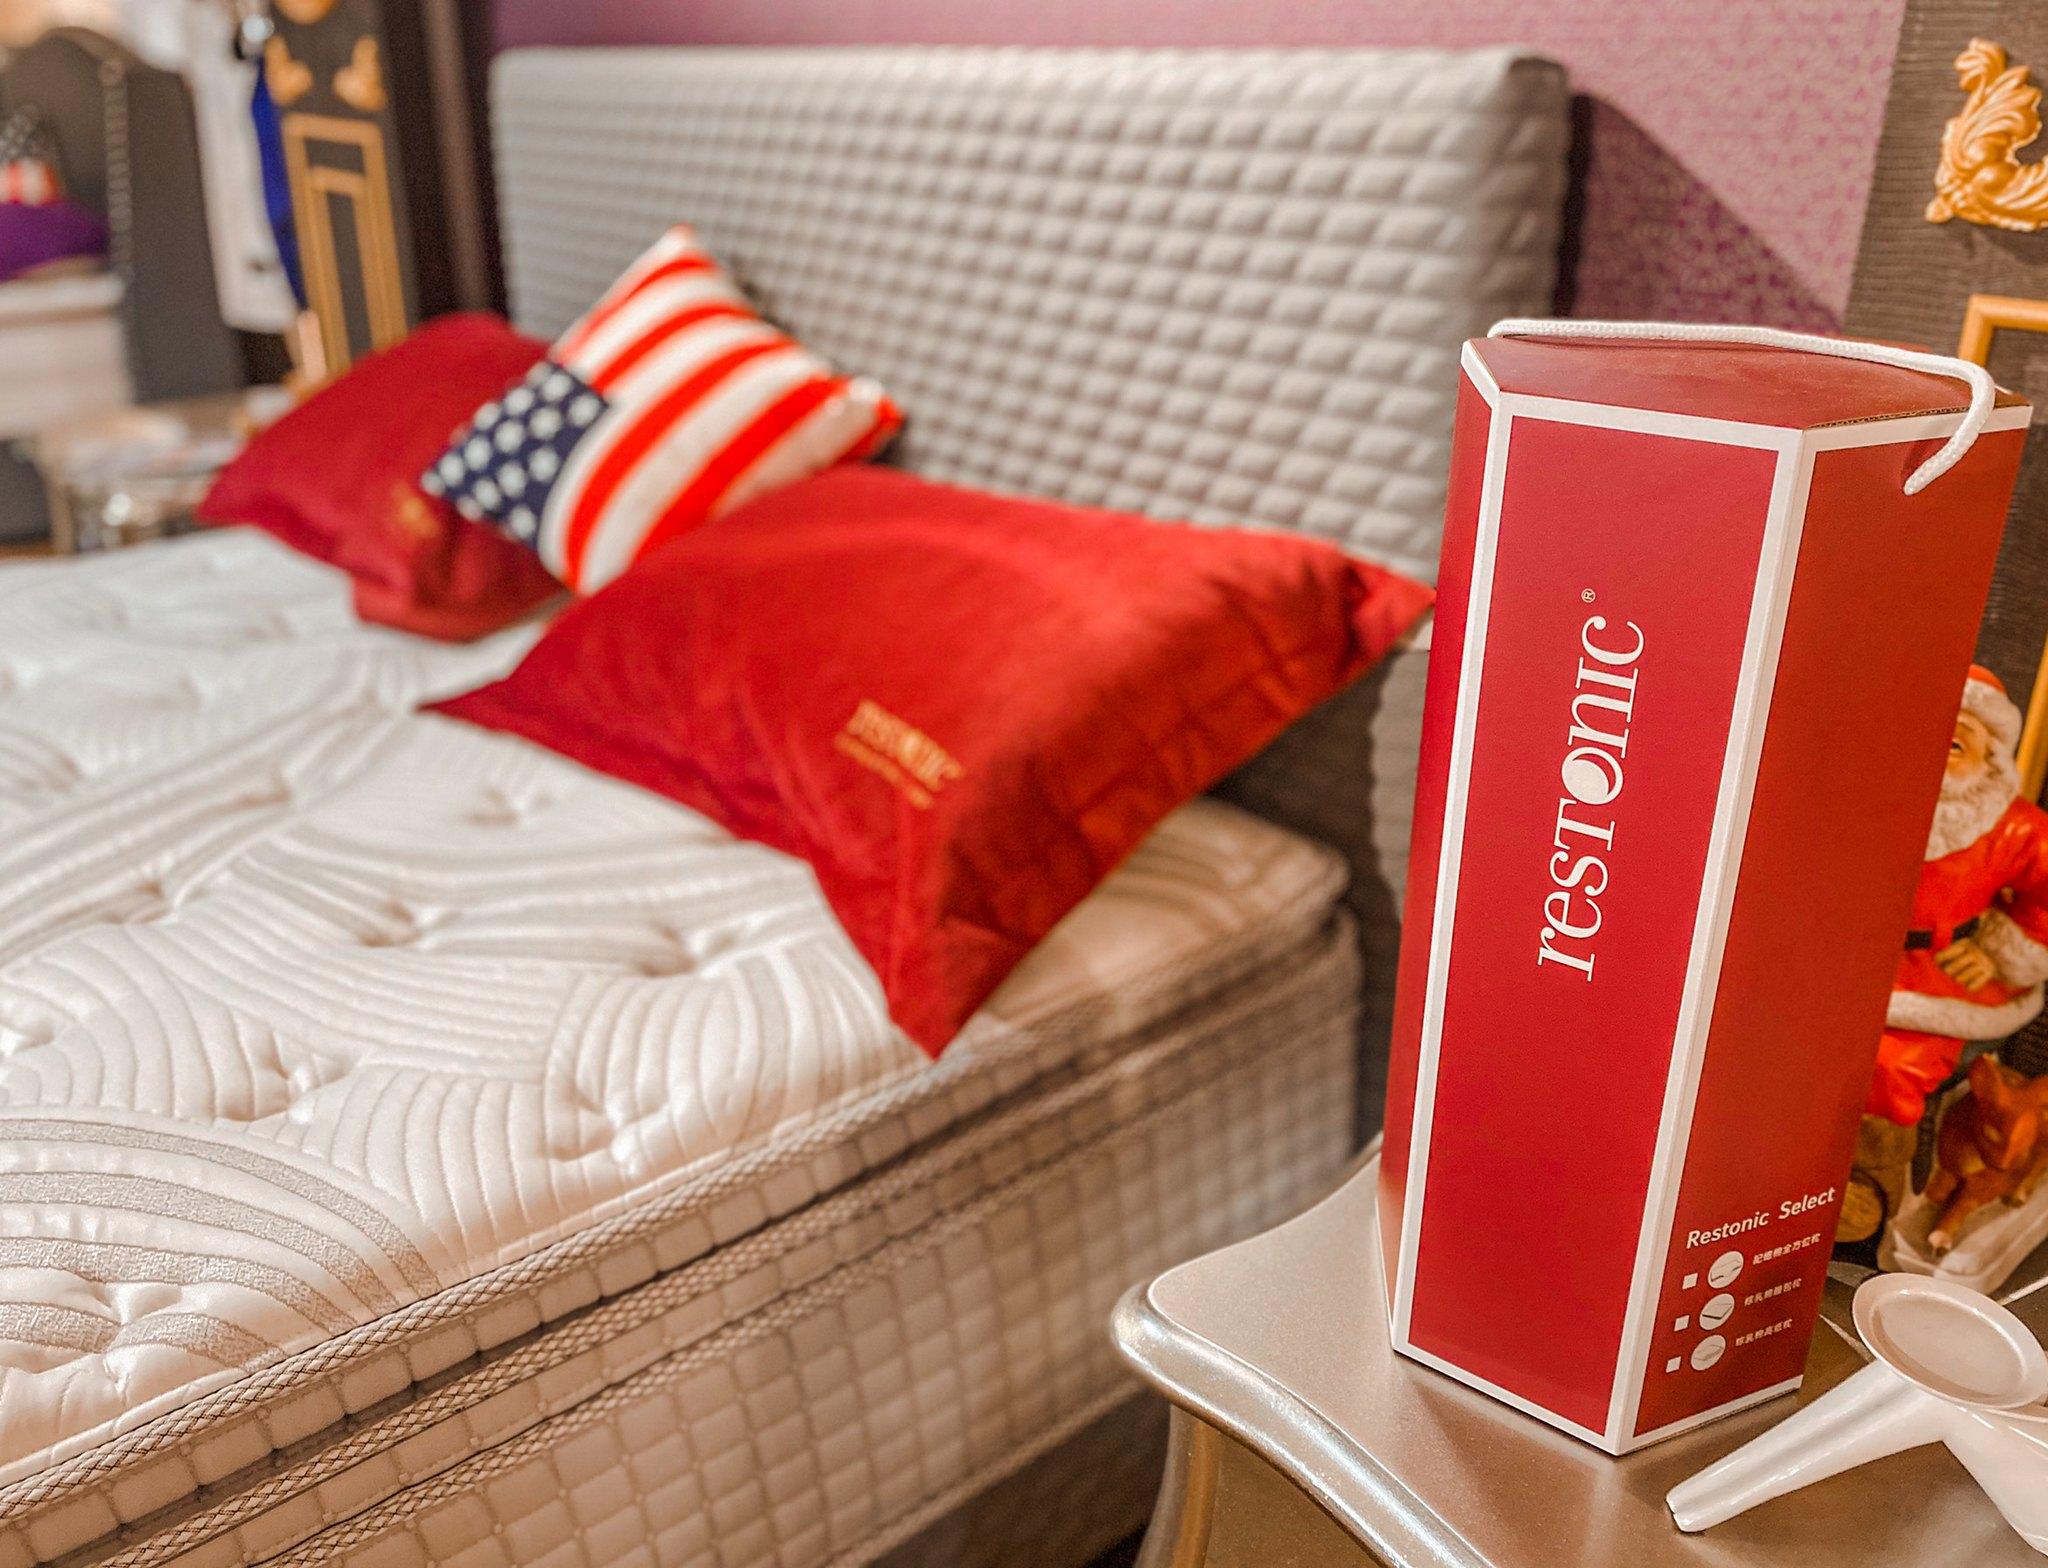 床墊推薦。美國蕾絲床墊|夏日涼感床墊冰晶系列。ICE ZERO  -°C瞬涼布!有效降低體感溫度